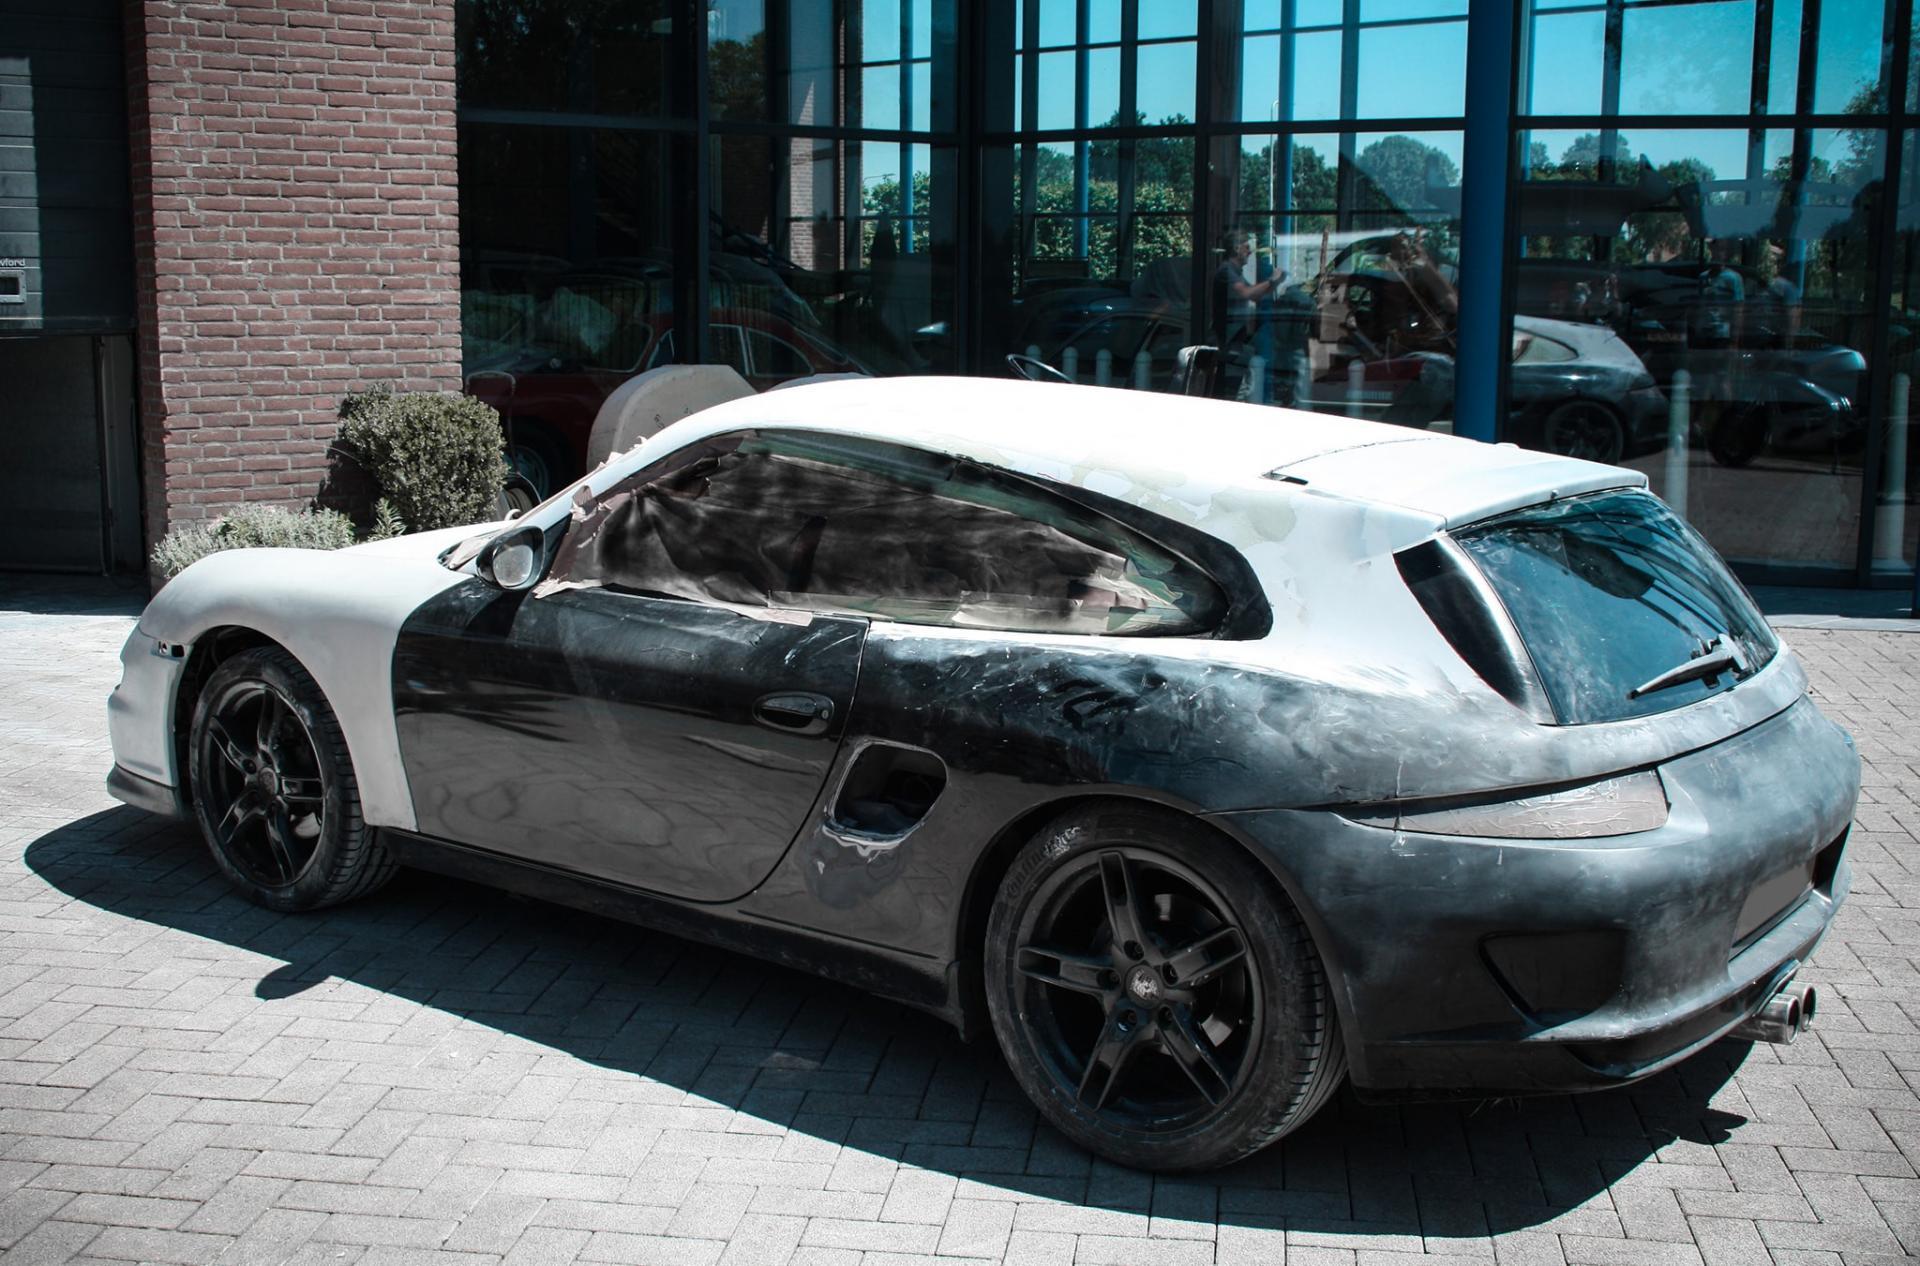 Porsche-Boxster-Shooting-Brake-21